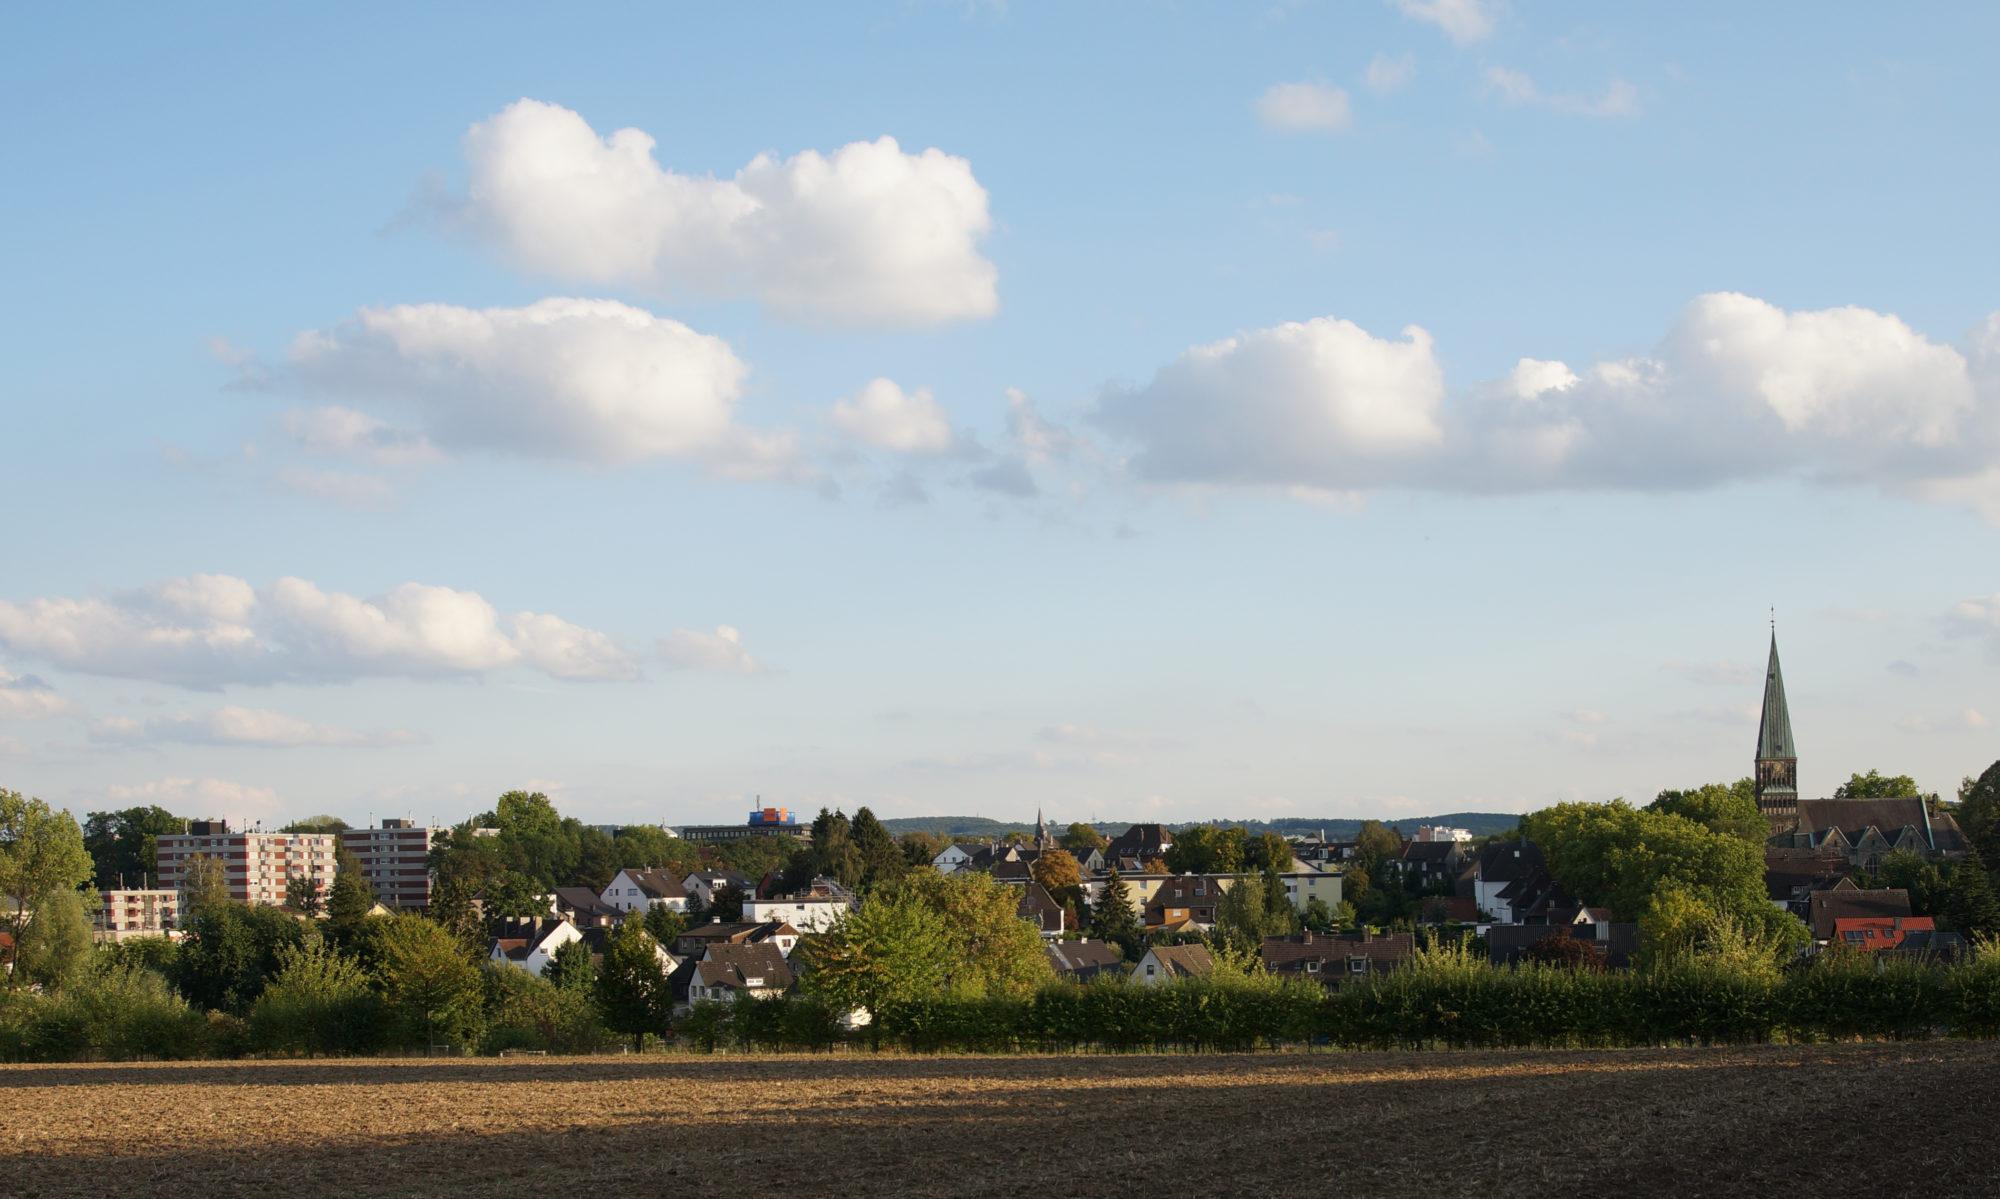 Ortsverein Dortmund-Barop